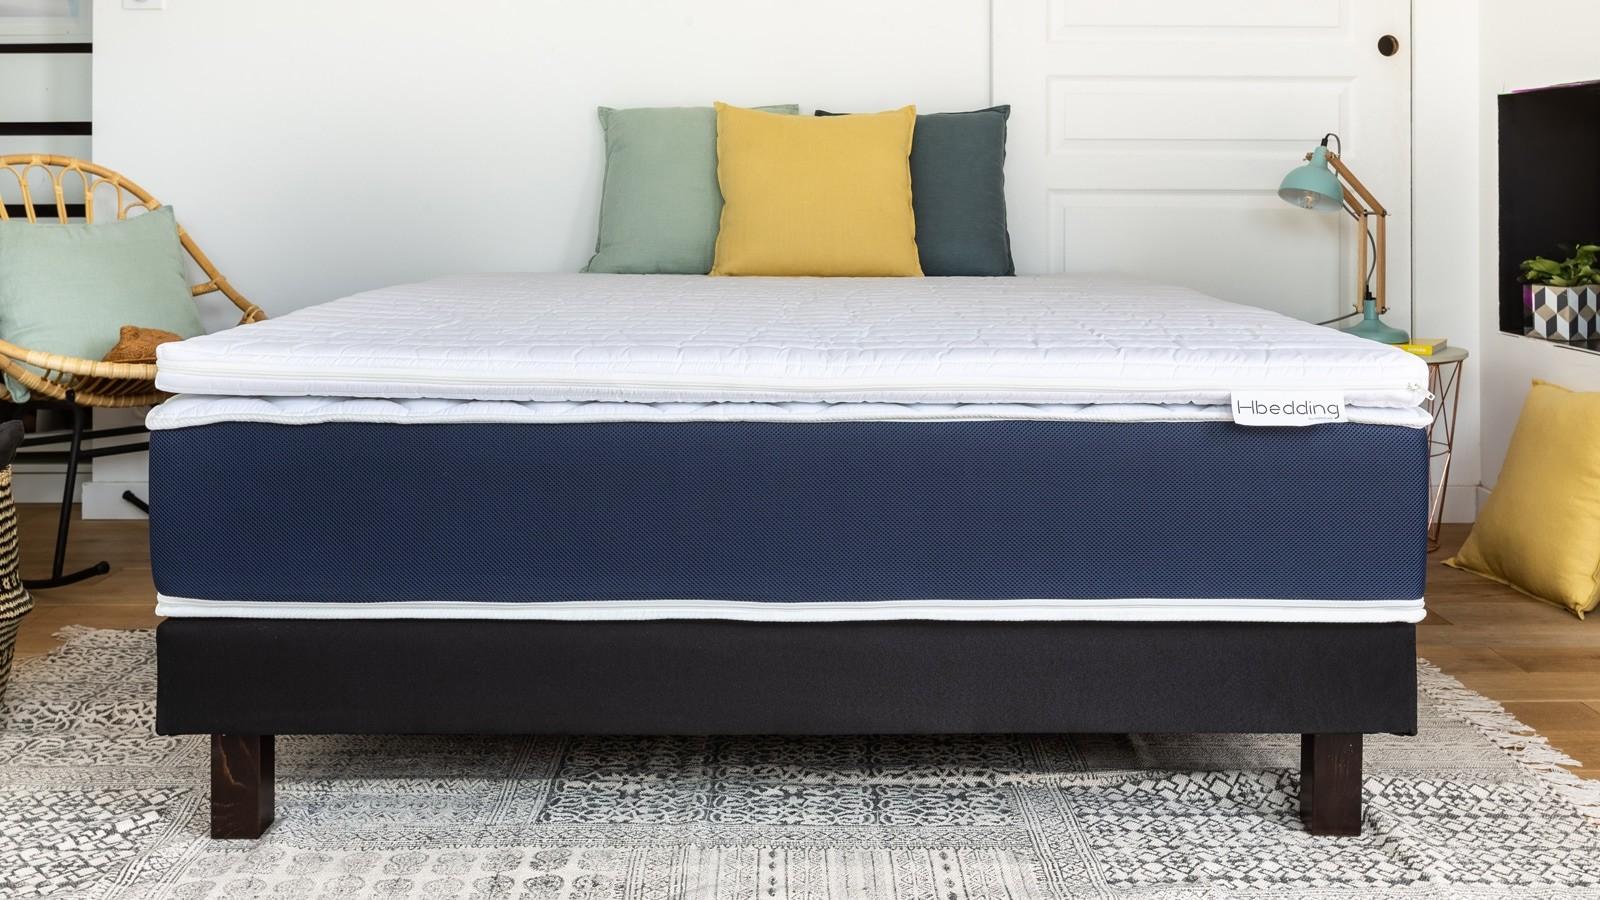 sur matelas d houssable 160x200 confort plus hbedding mousse polyur thane homifab. Black Bedroom Furniture Sets. Home Design Ideas